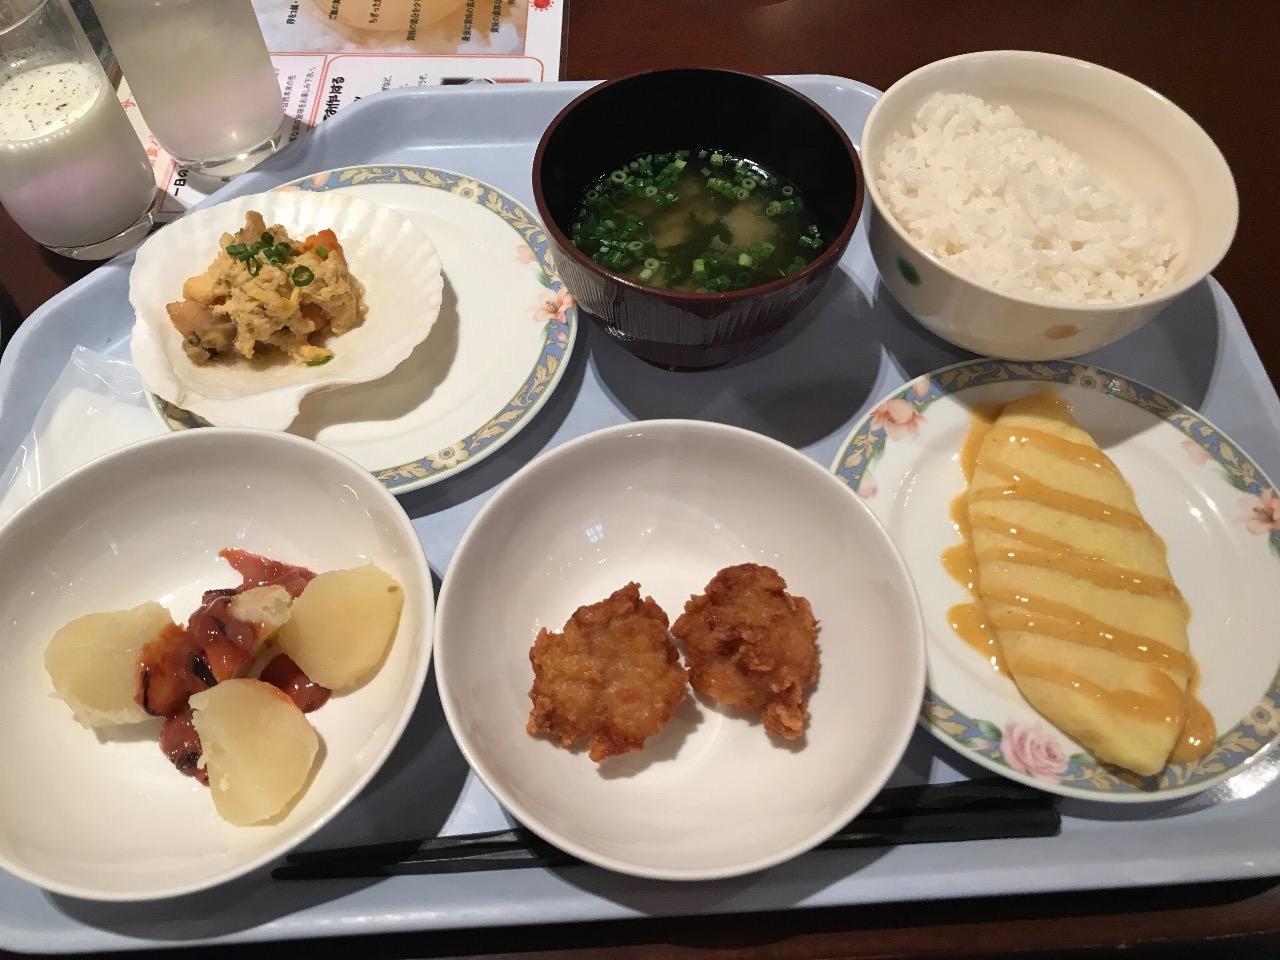 札幌 ホテル クラビー 朝食 14